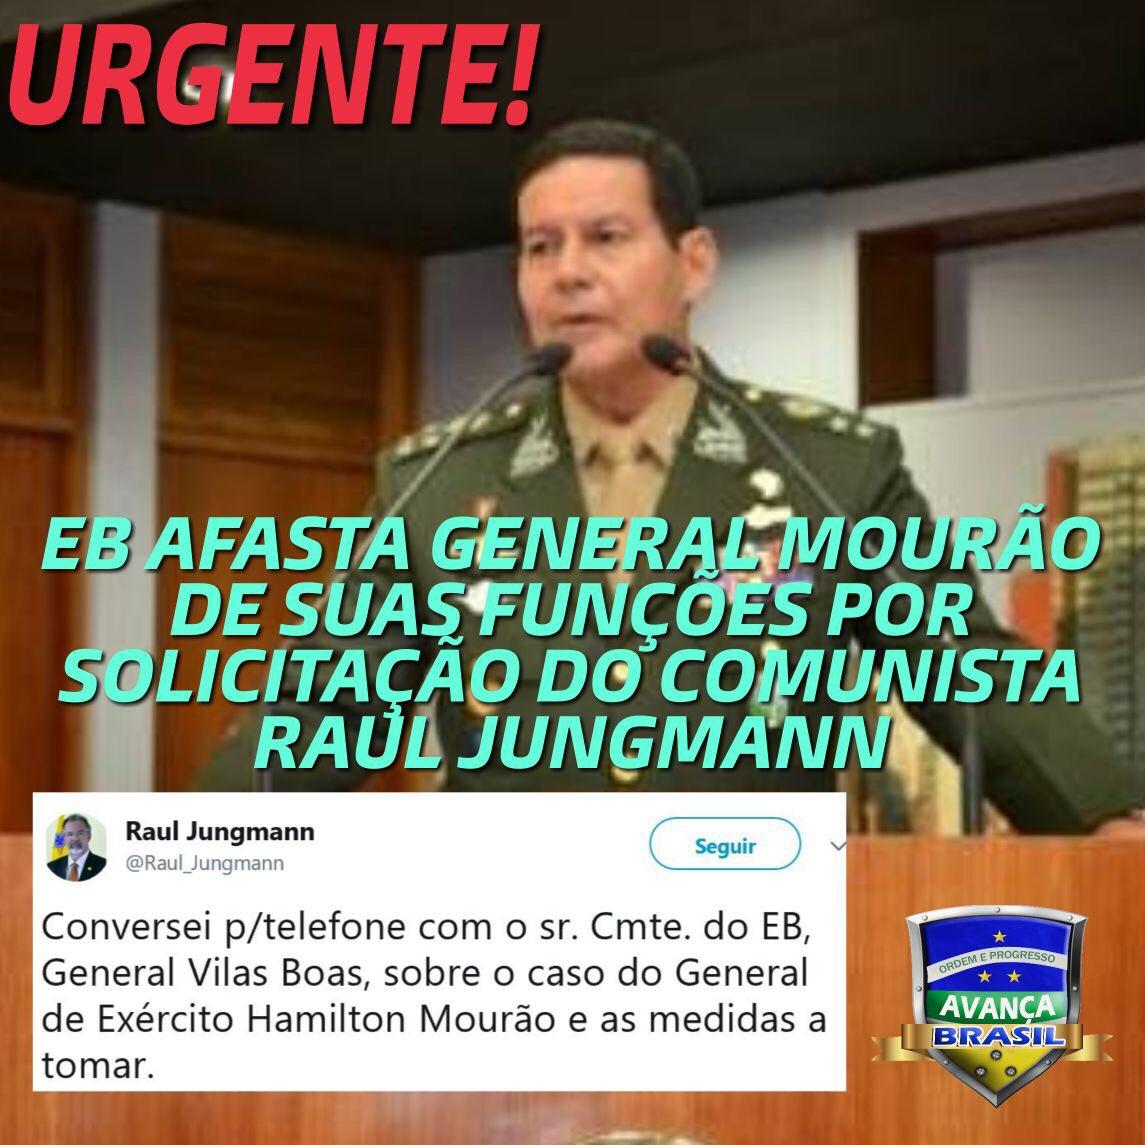 URGENTE: Exército Brasileiro afasta General Mourão de suas funções por solicitação do COMUNISTA Raul Julgmann!  E VOCÊ AINDA VAI CONTINUAR NO SOFÁ VENDO O BRASIL 🇧🇷 RUMO A UMA DITADURA COMO A VENEZUELA?  #SomosTodosMourao